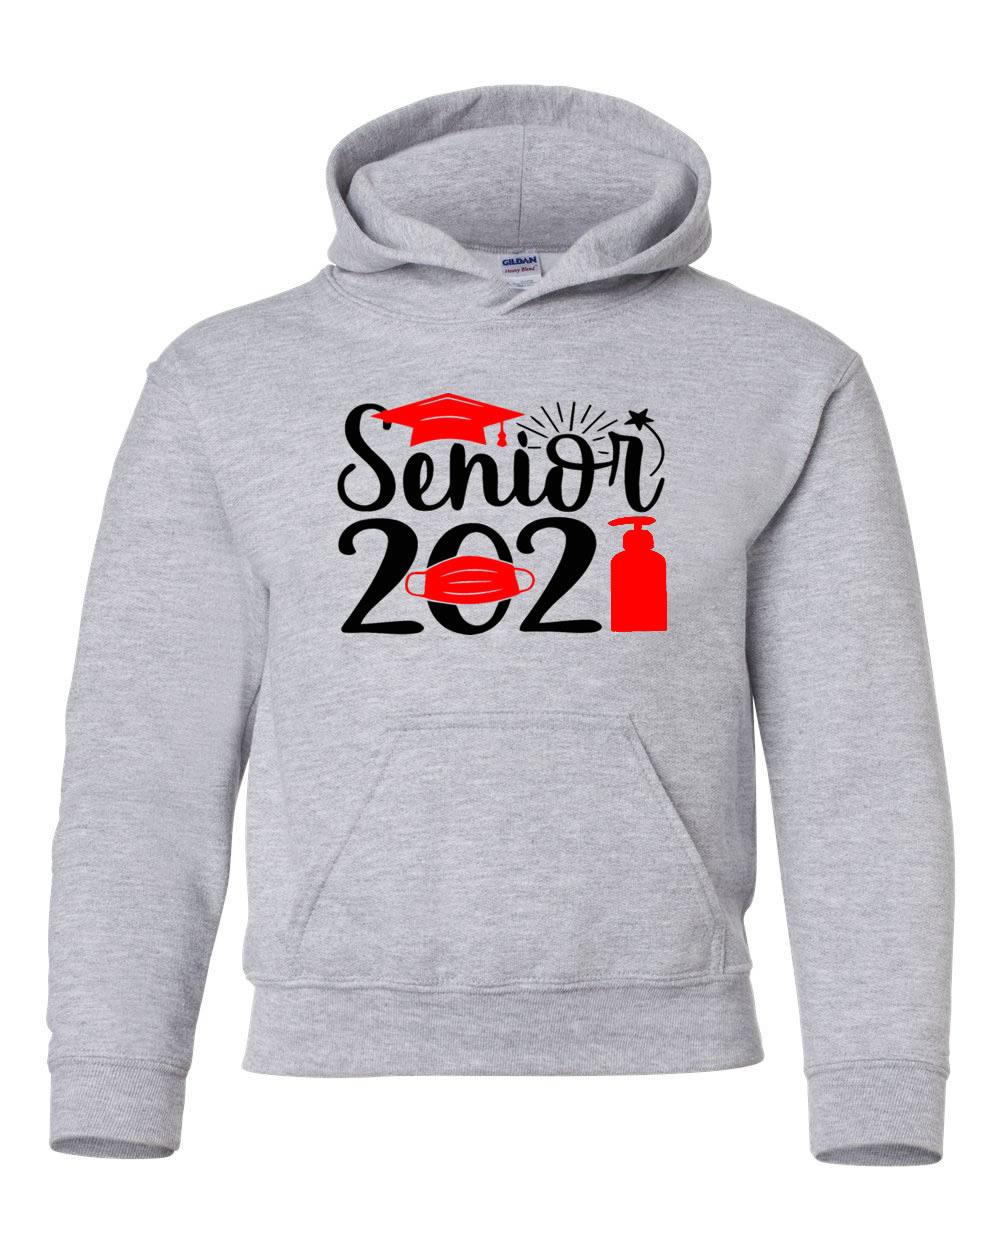 Senior 2021 Pandemic Style Hoodie